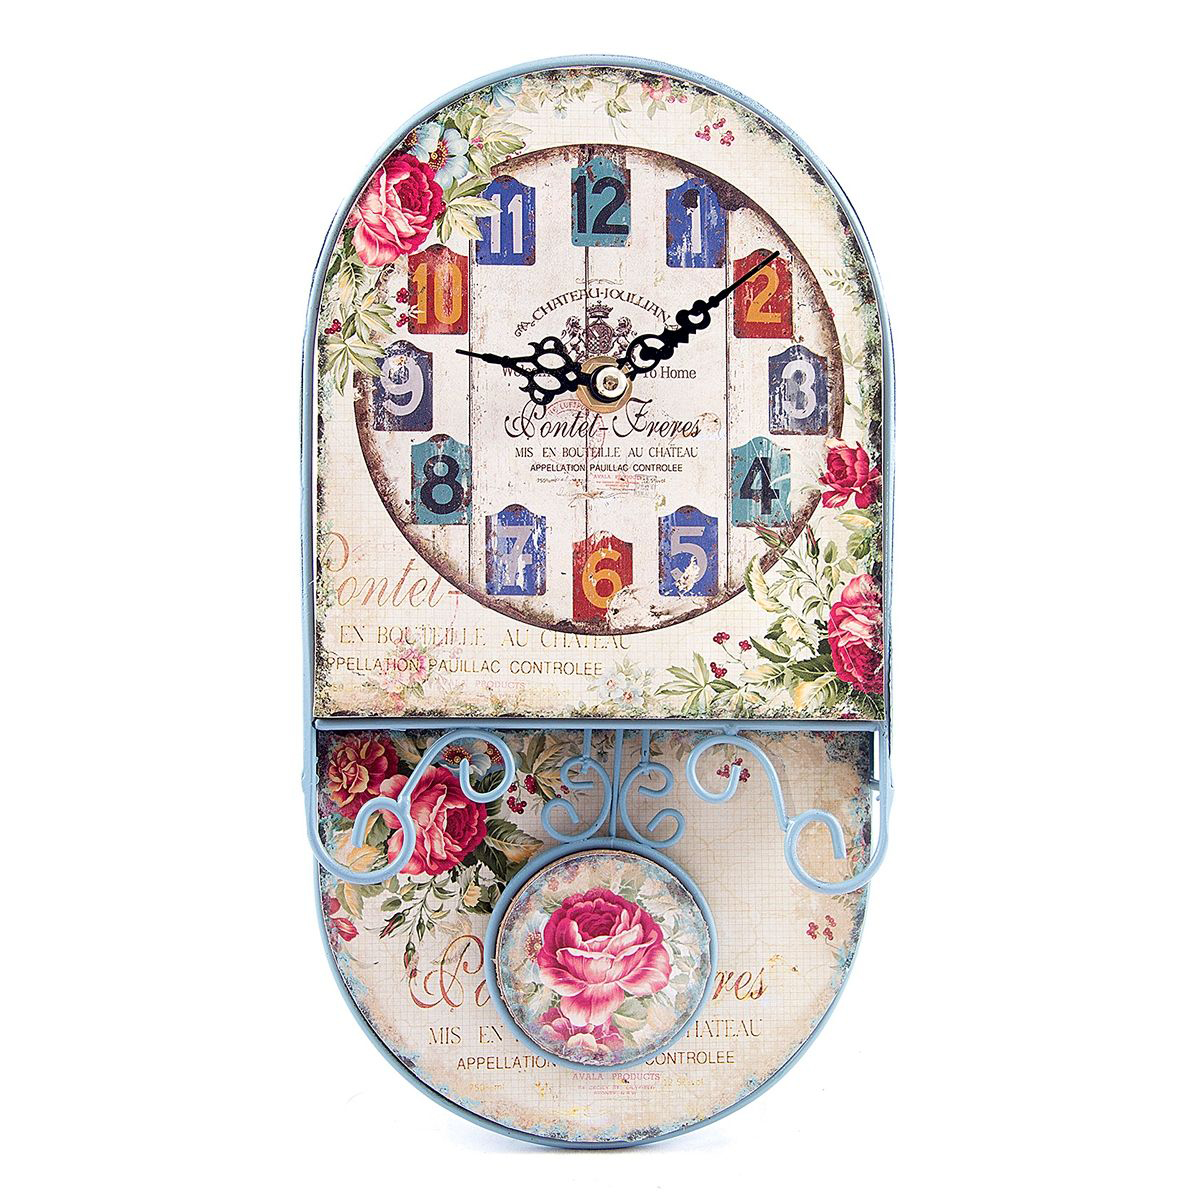 Часы настенные Русские Подарки, 14 х 26 х 6 см. 2962929629Настенные кварцевые часы Русские Подарки изготовлены из МДФ. Корпус оформлен изображением цветов и надписей. Часы имеют две стрелки - часовую и минутную. Циферблат не защищен стеклом. С обратной стороны имеется петелька для подвешивания на стену.Изящные часы красиво и оригинально оформят интерьер дома или офиса.